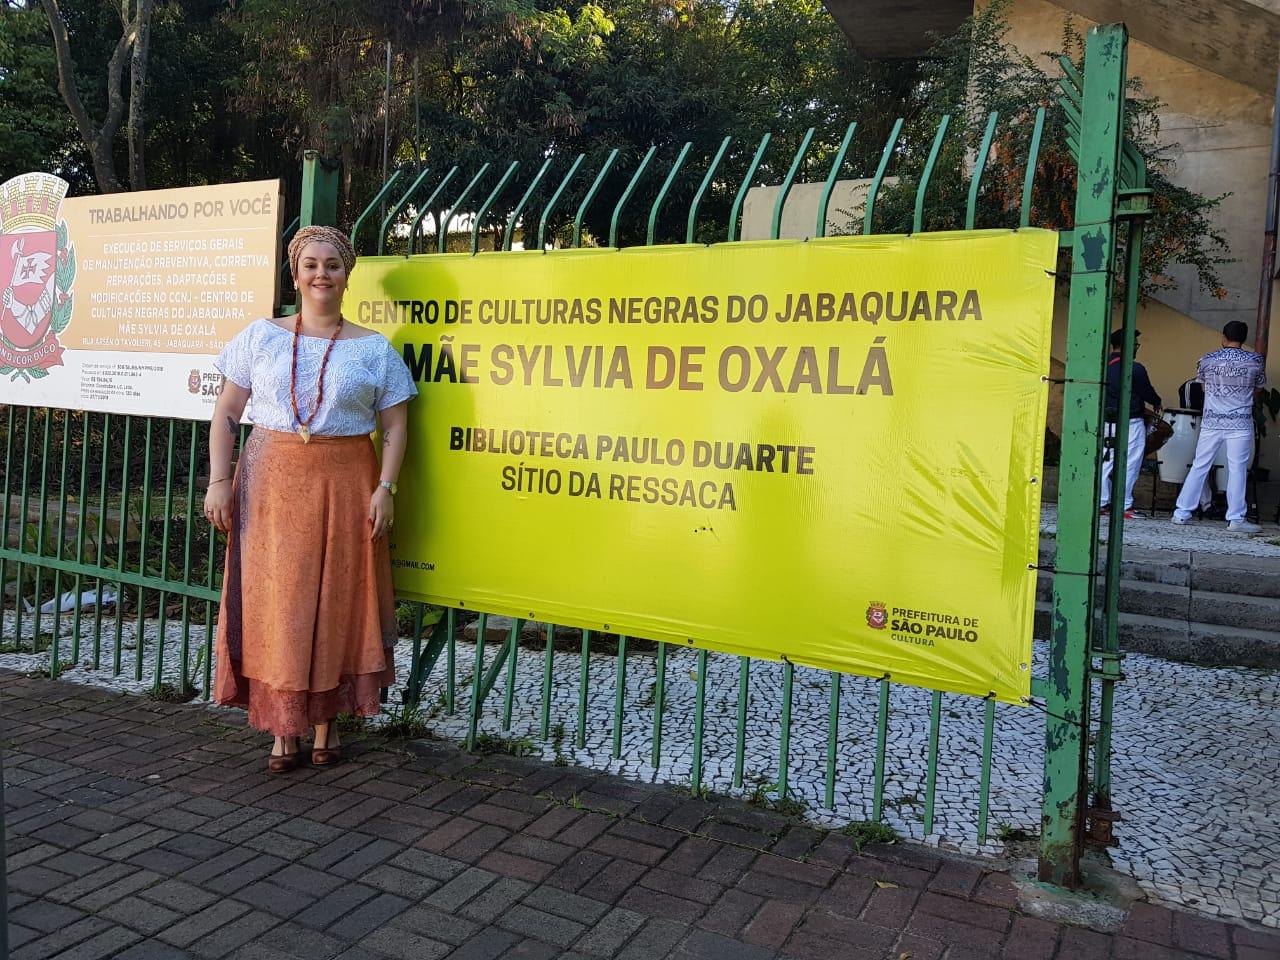 DIA DE ÁFRICA 2019 No Centro Municipal De Culturas Negras Do Jabaquara – Mãe Sylvia De Oxalá